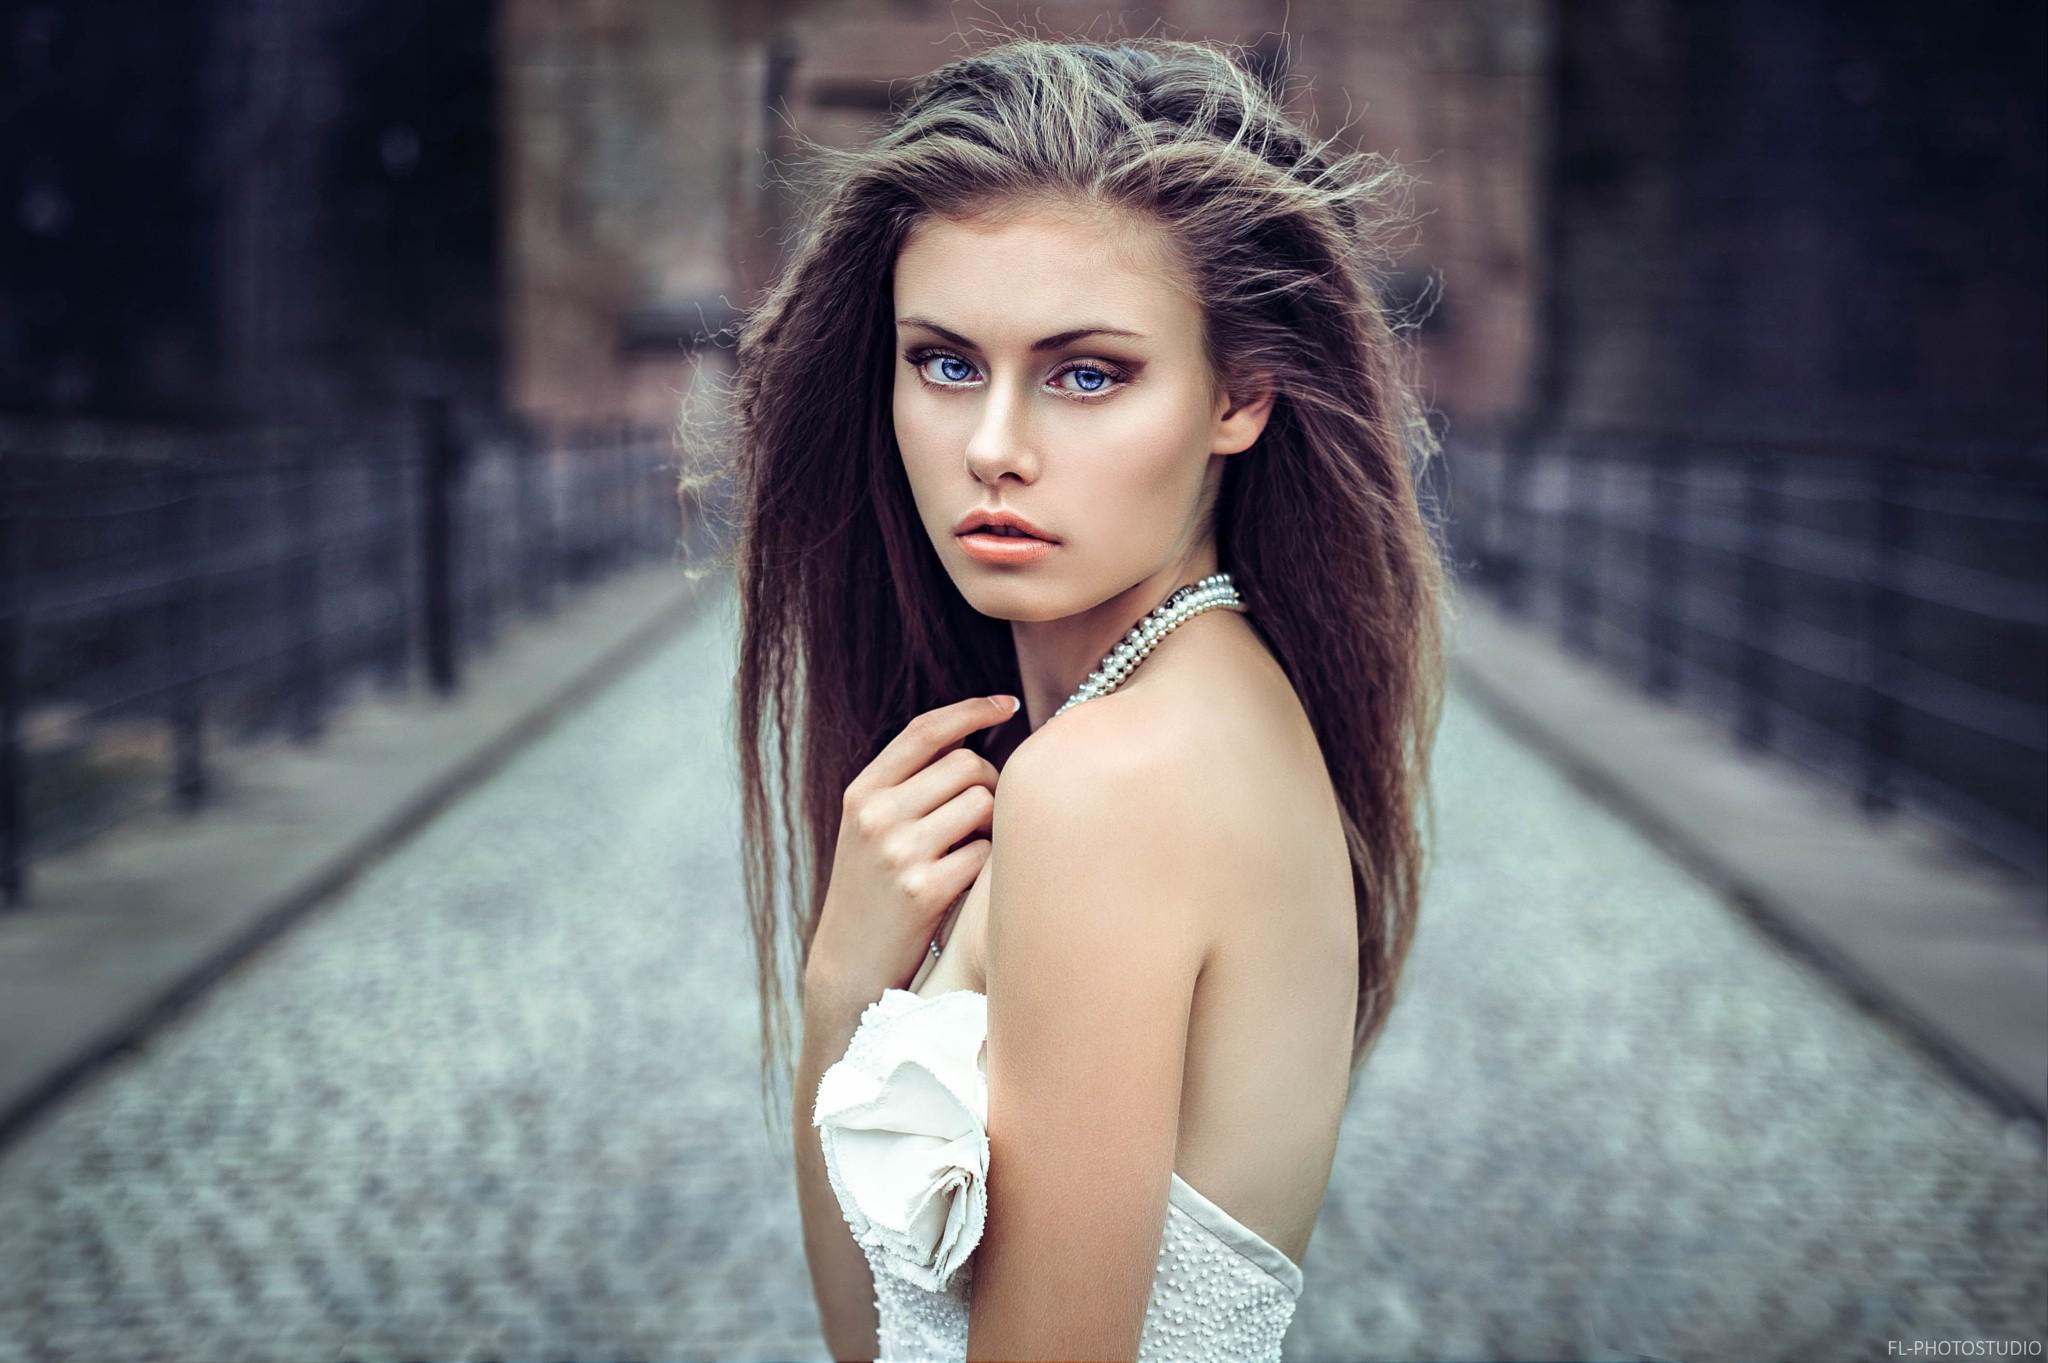 Sfondi : donne, modello, bionda, capelli lunghi, bicchieri